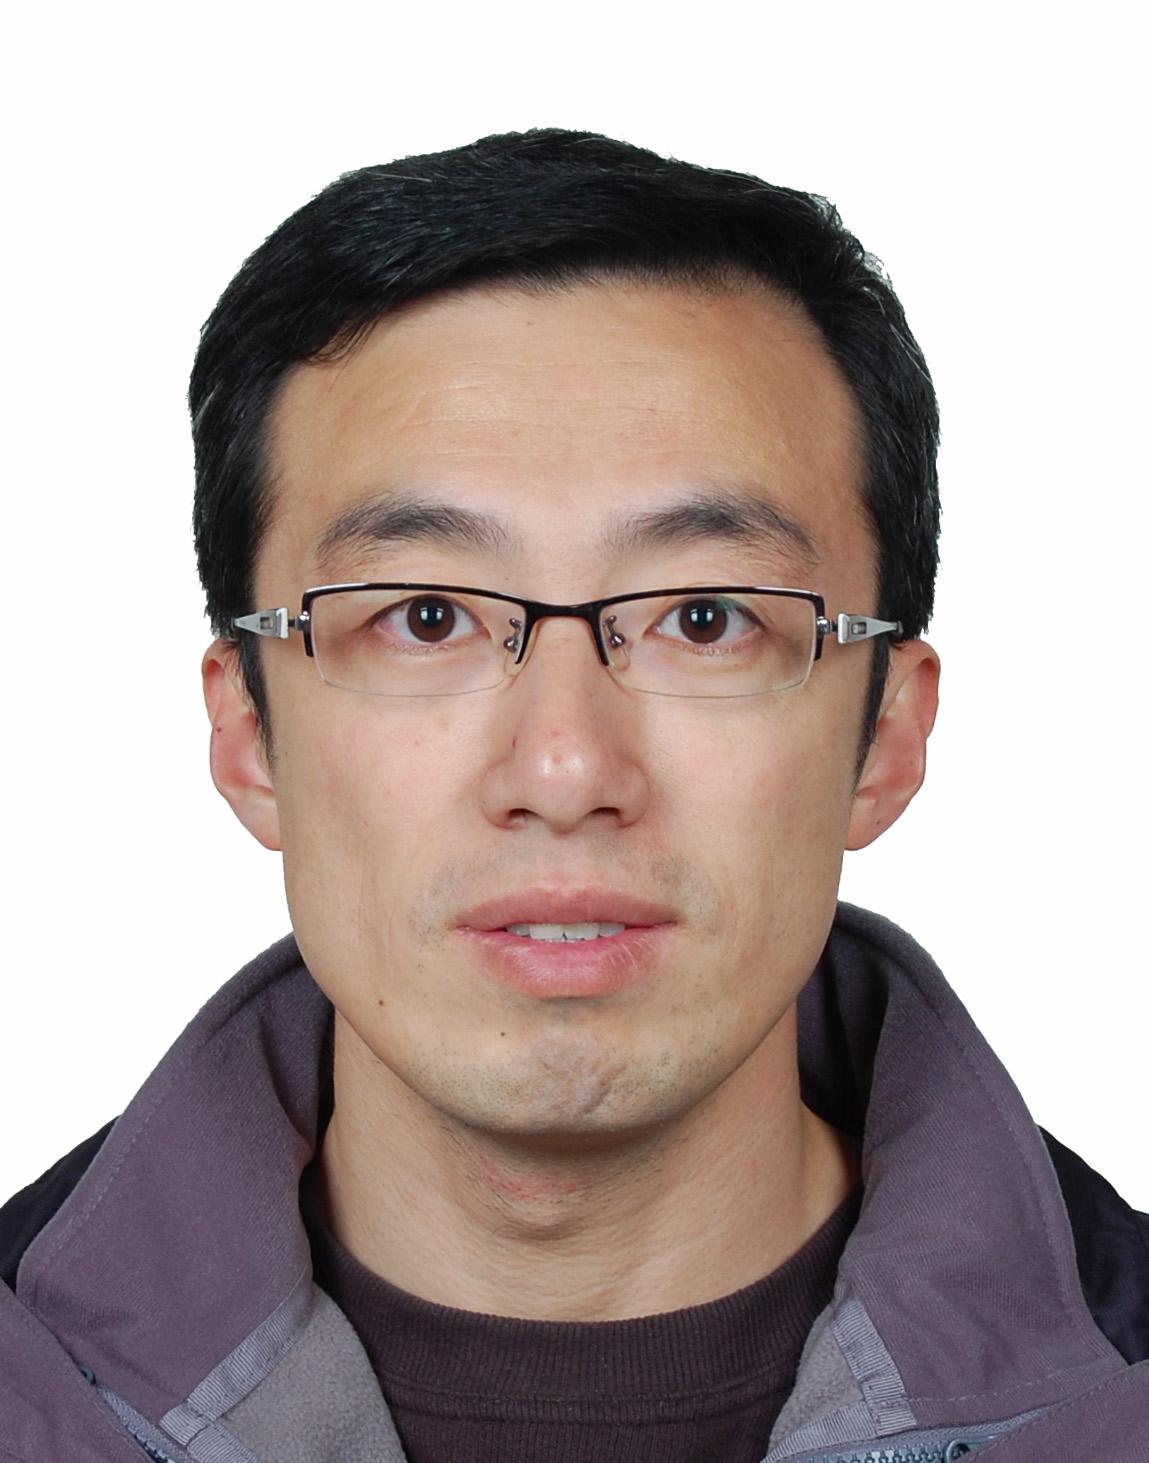 zhaoyiyang